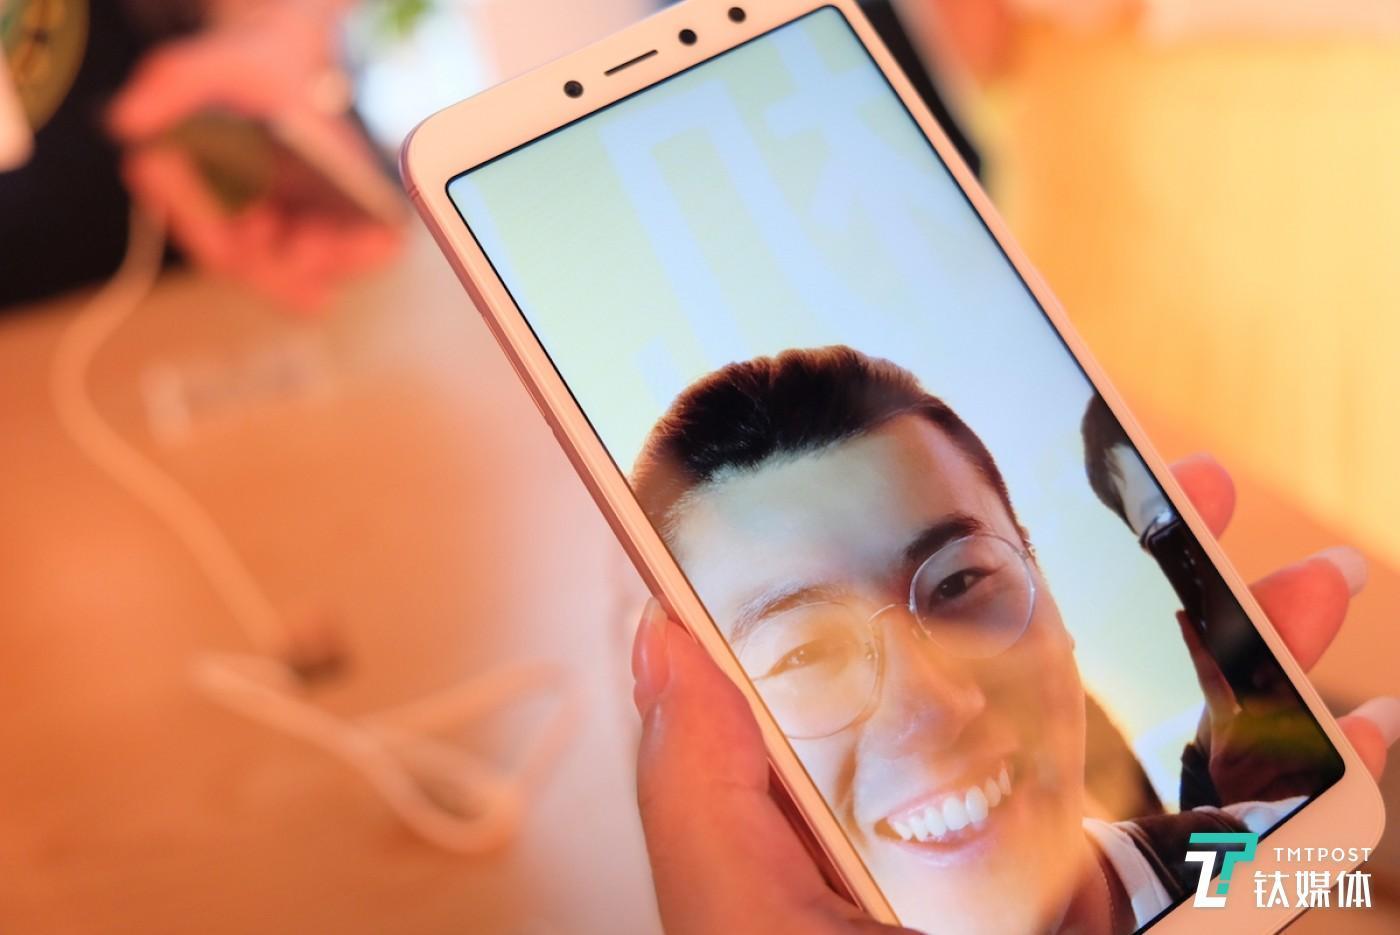 记者实际体验头发丝都能拍出来的 AI 美颜算法